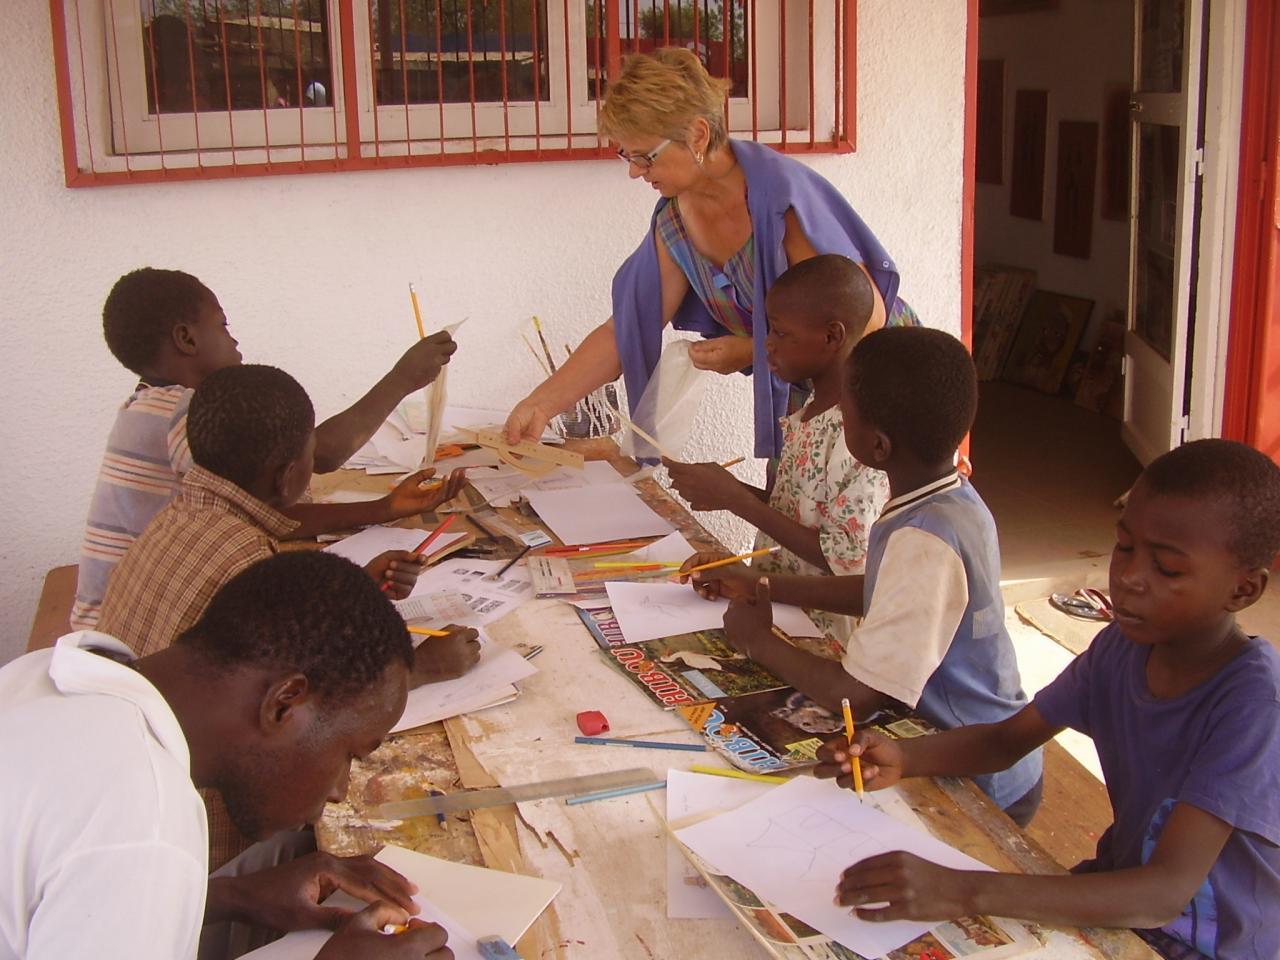 Atelier de dessin pour enfants - Album photo pour enfant ...